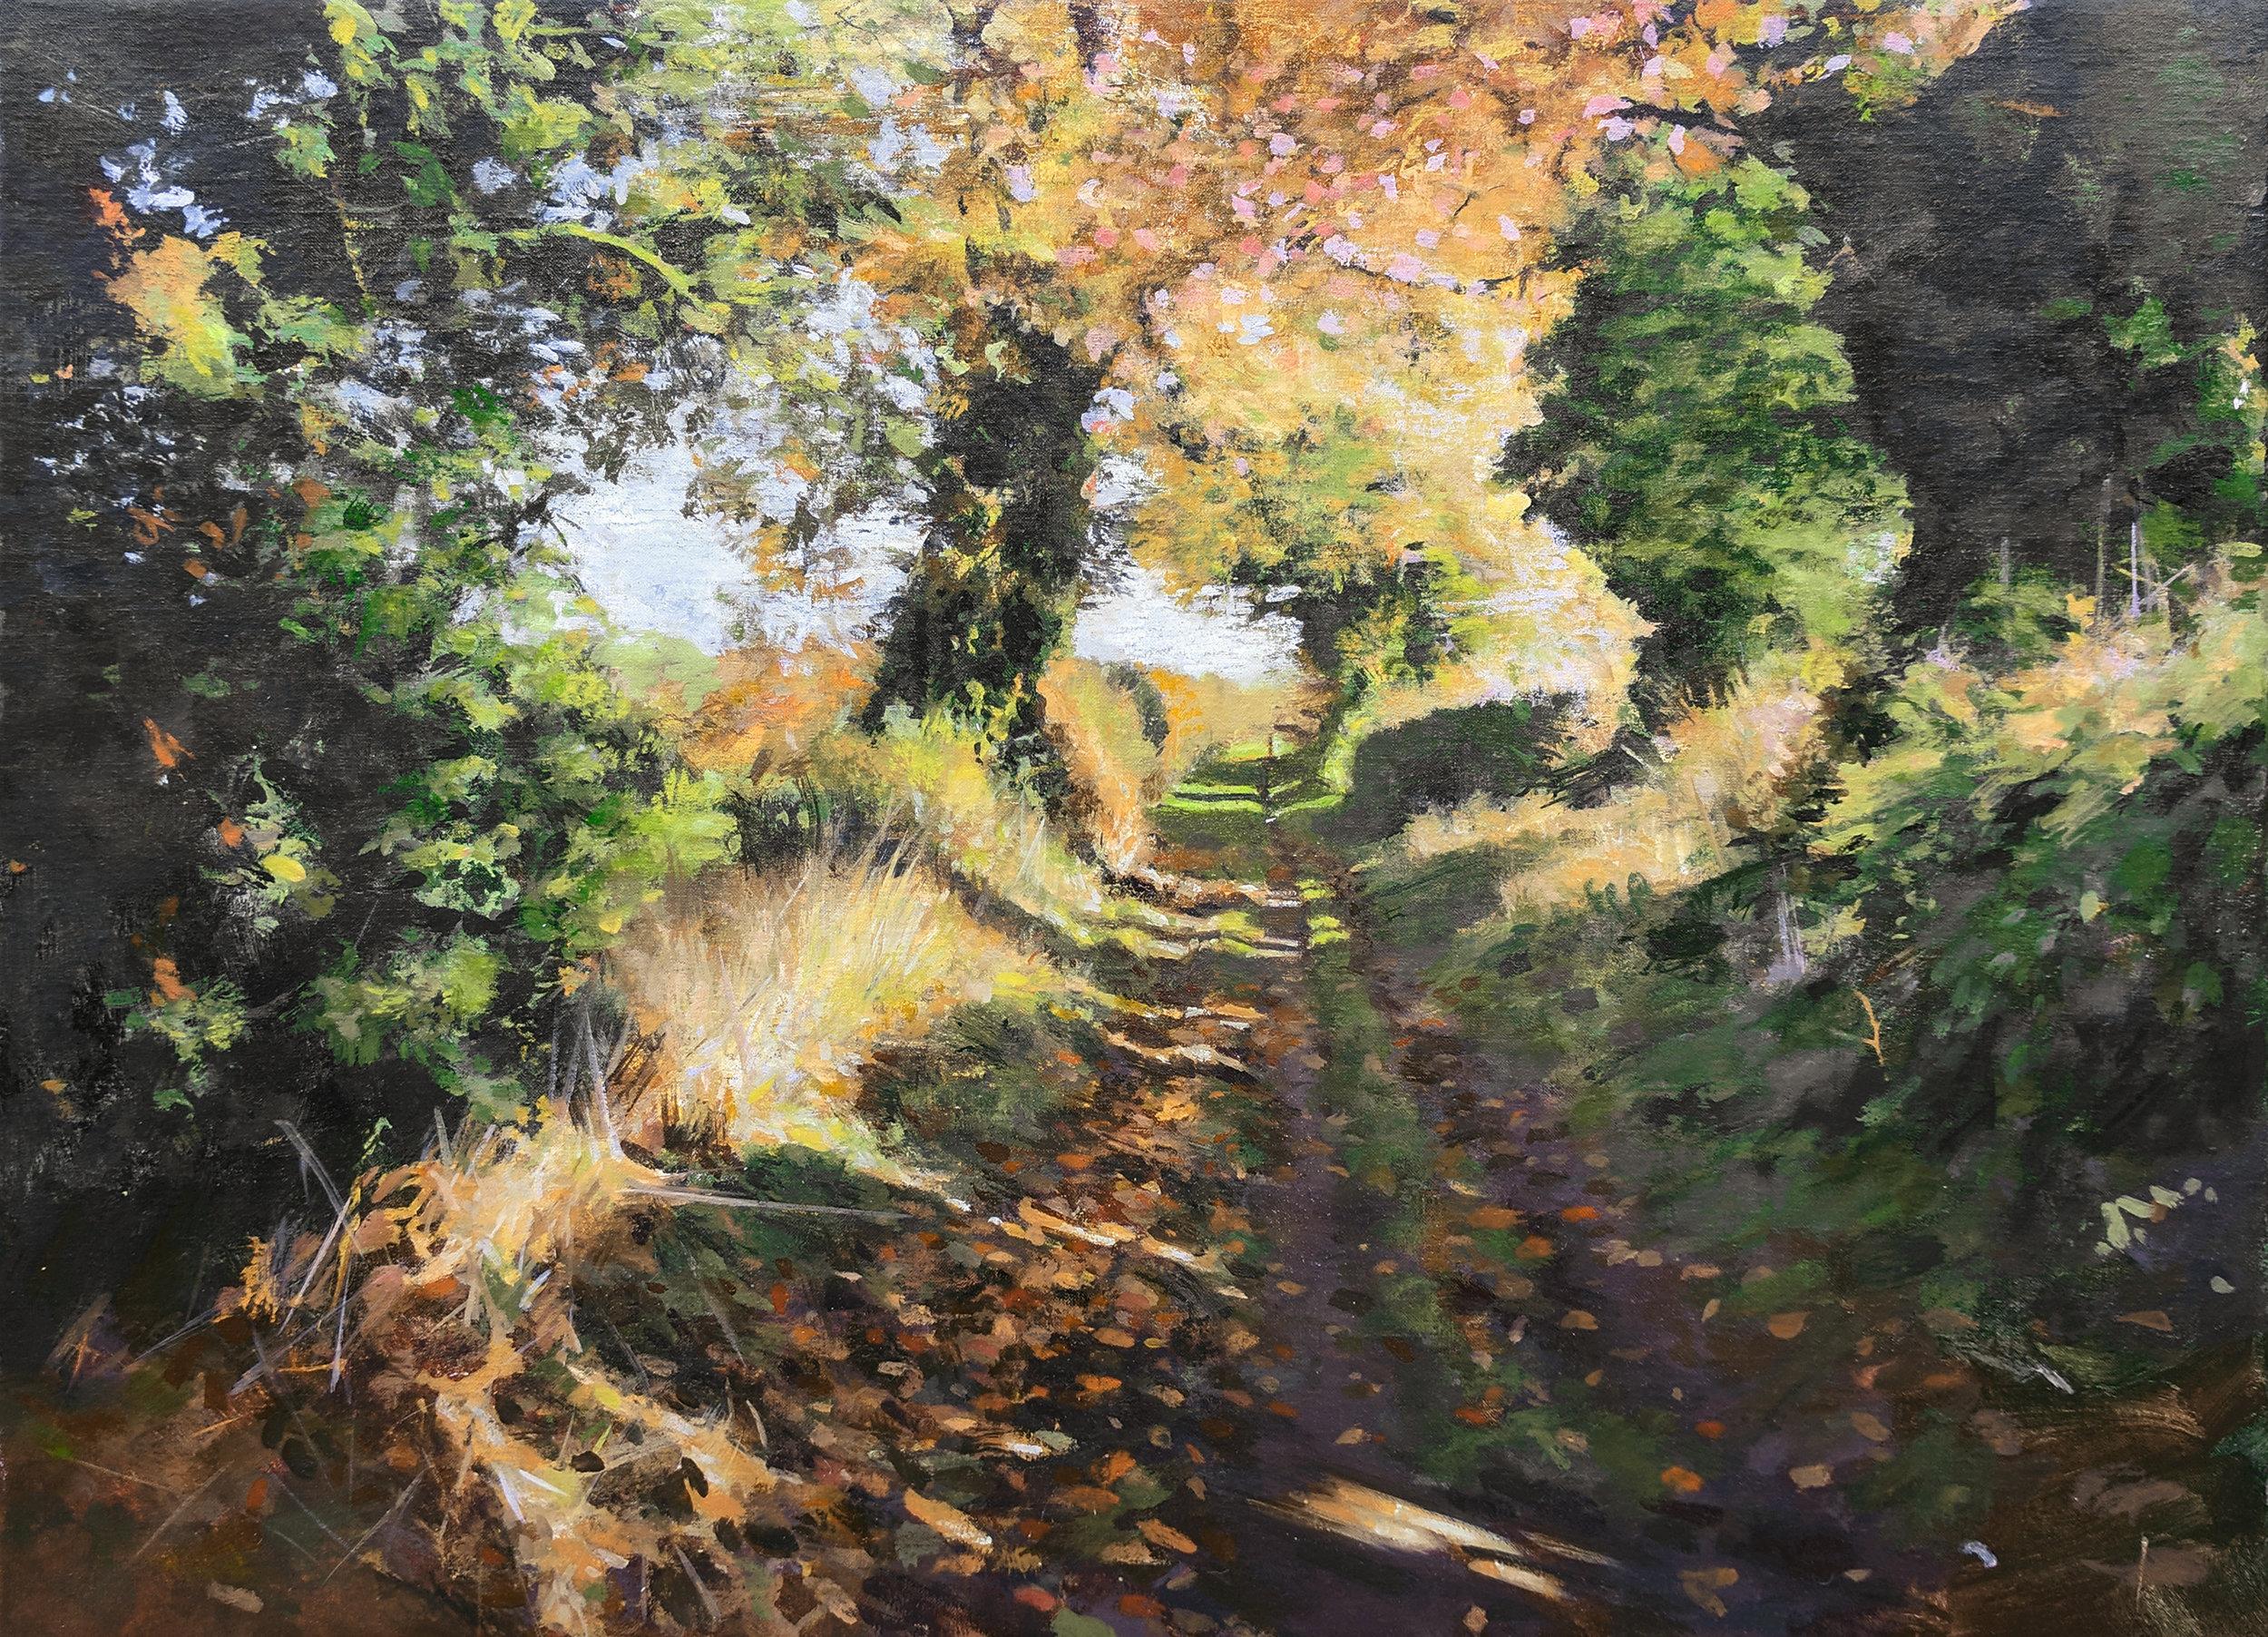 Snake Lane at Lound